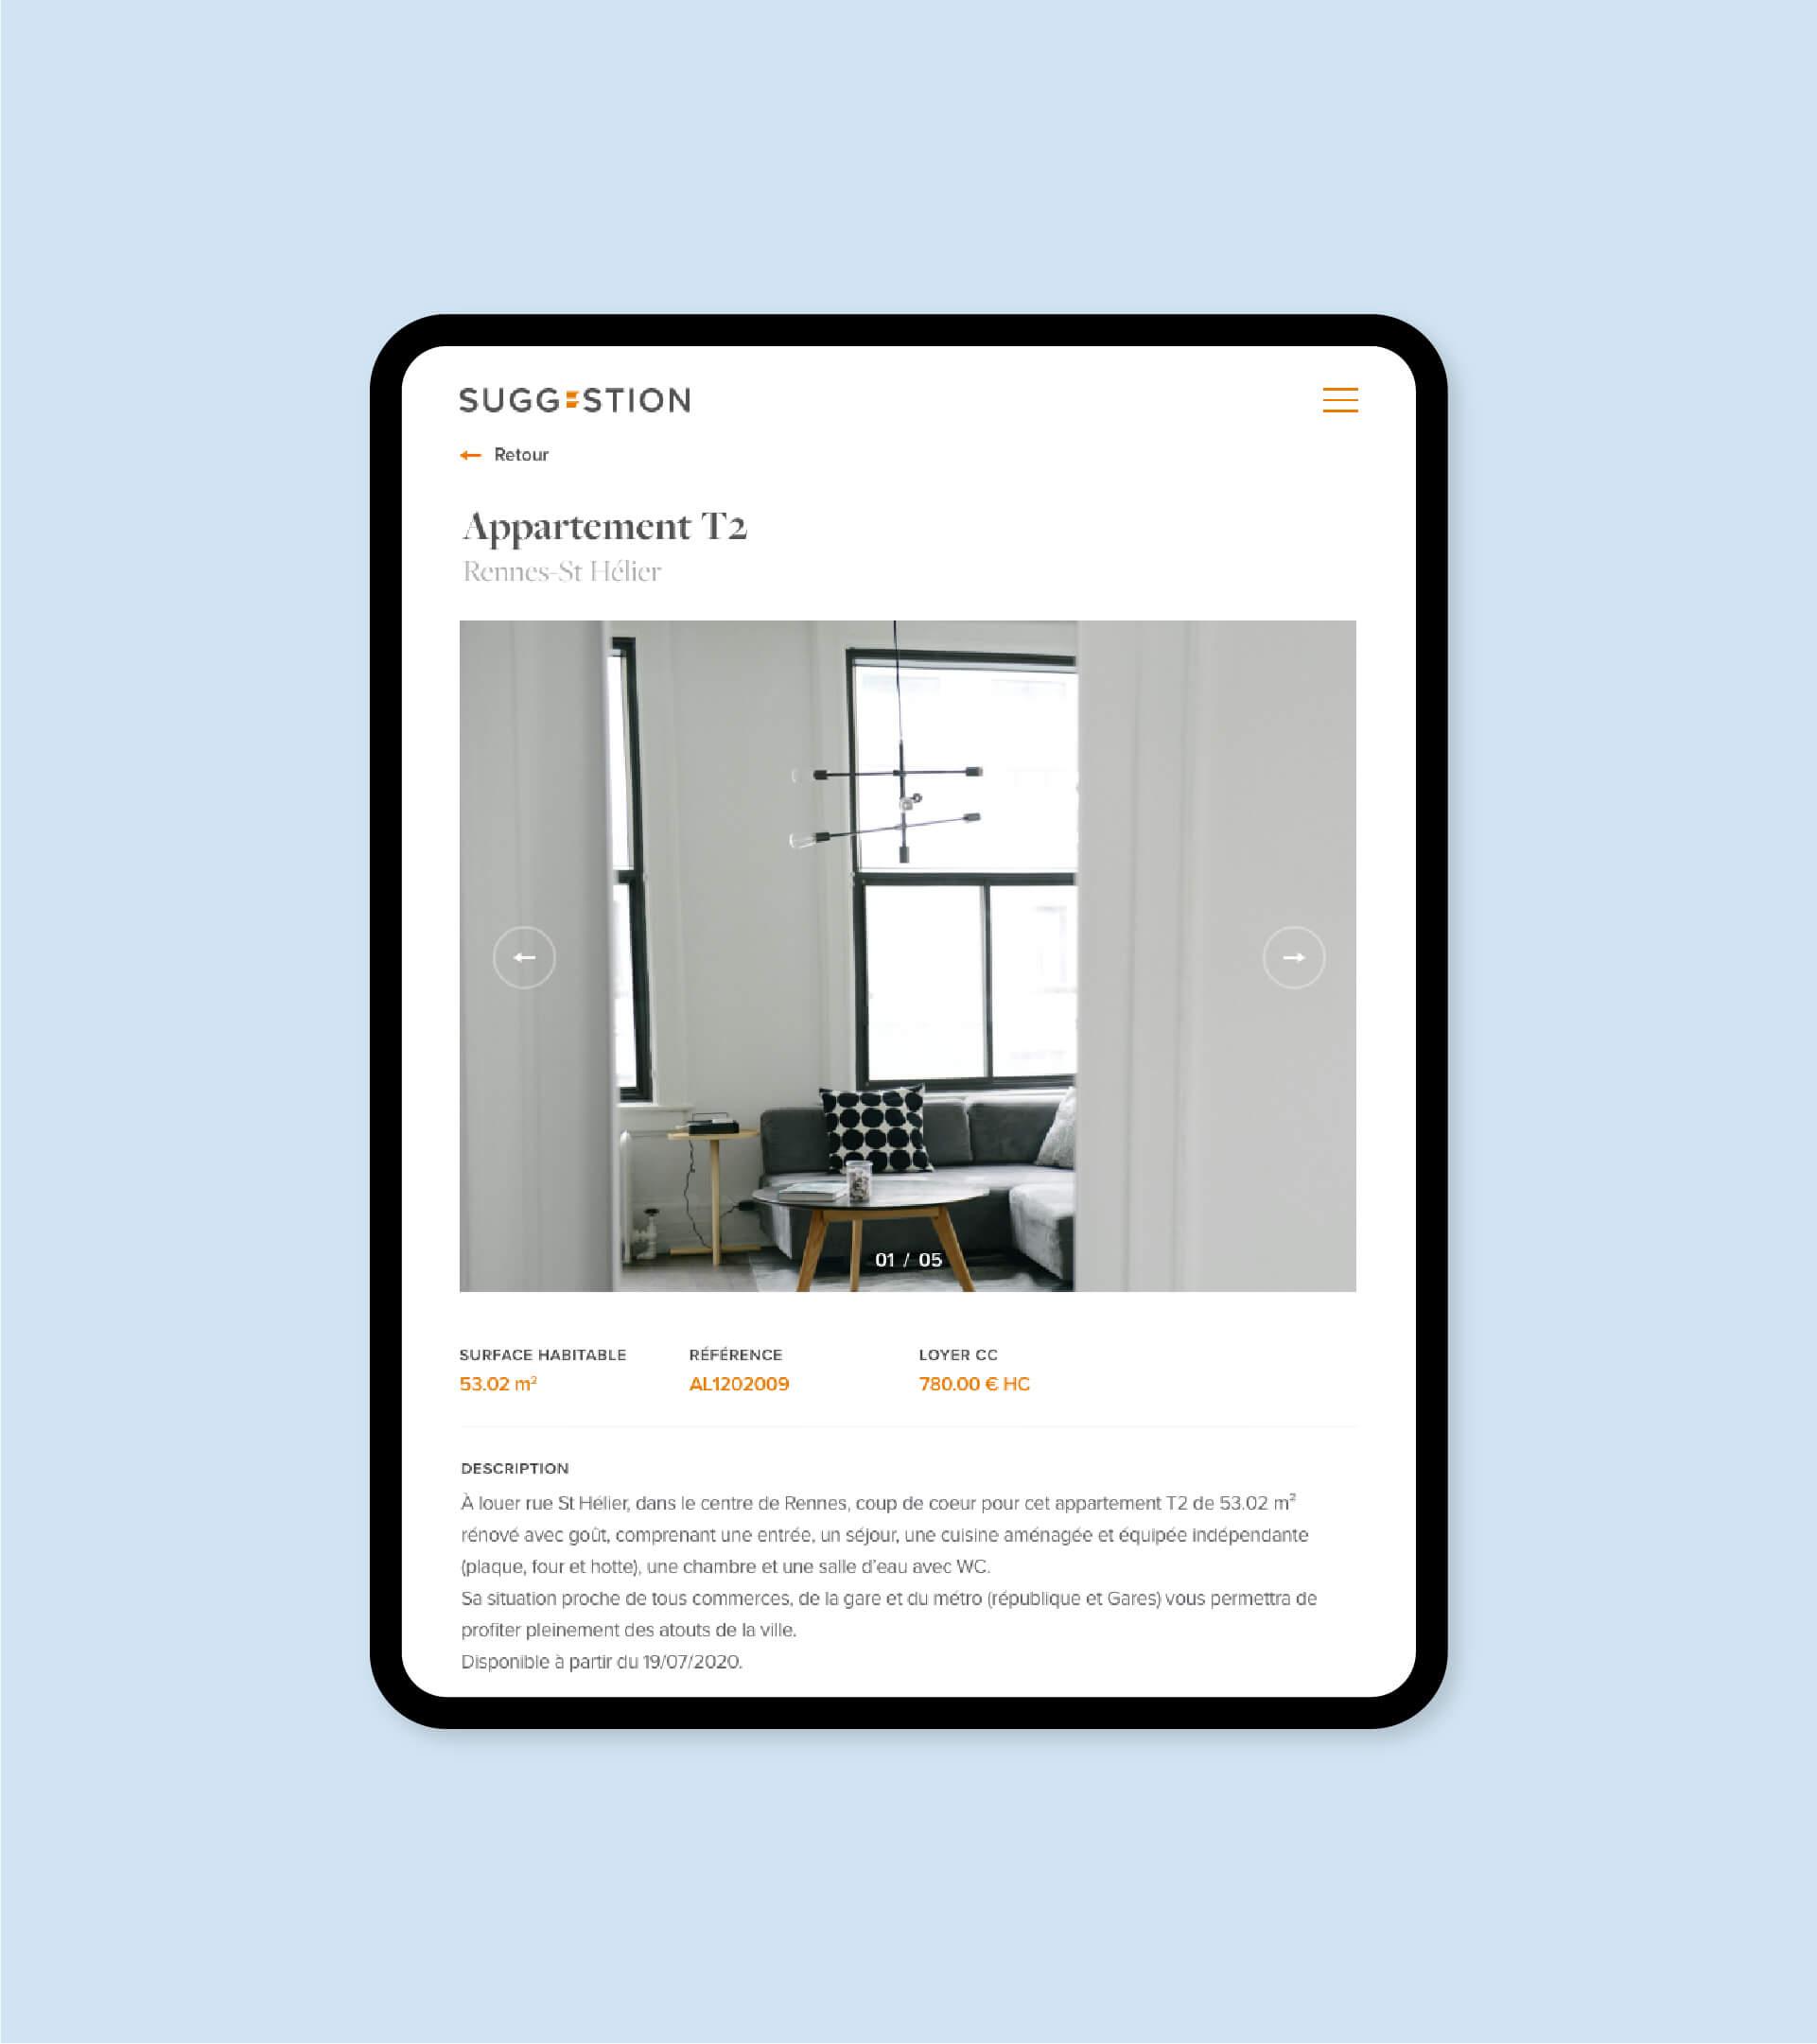 Page de détail d'une annonce immobilière du site Suggestion en version tablette